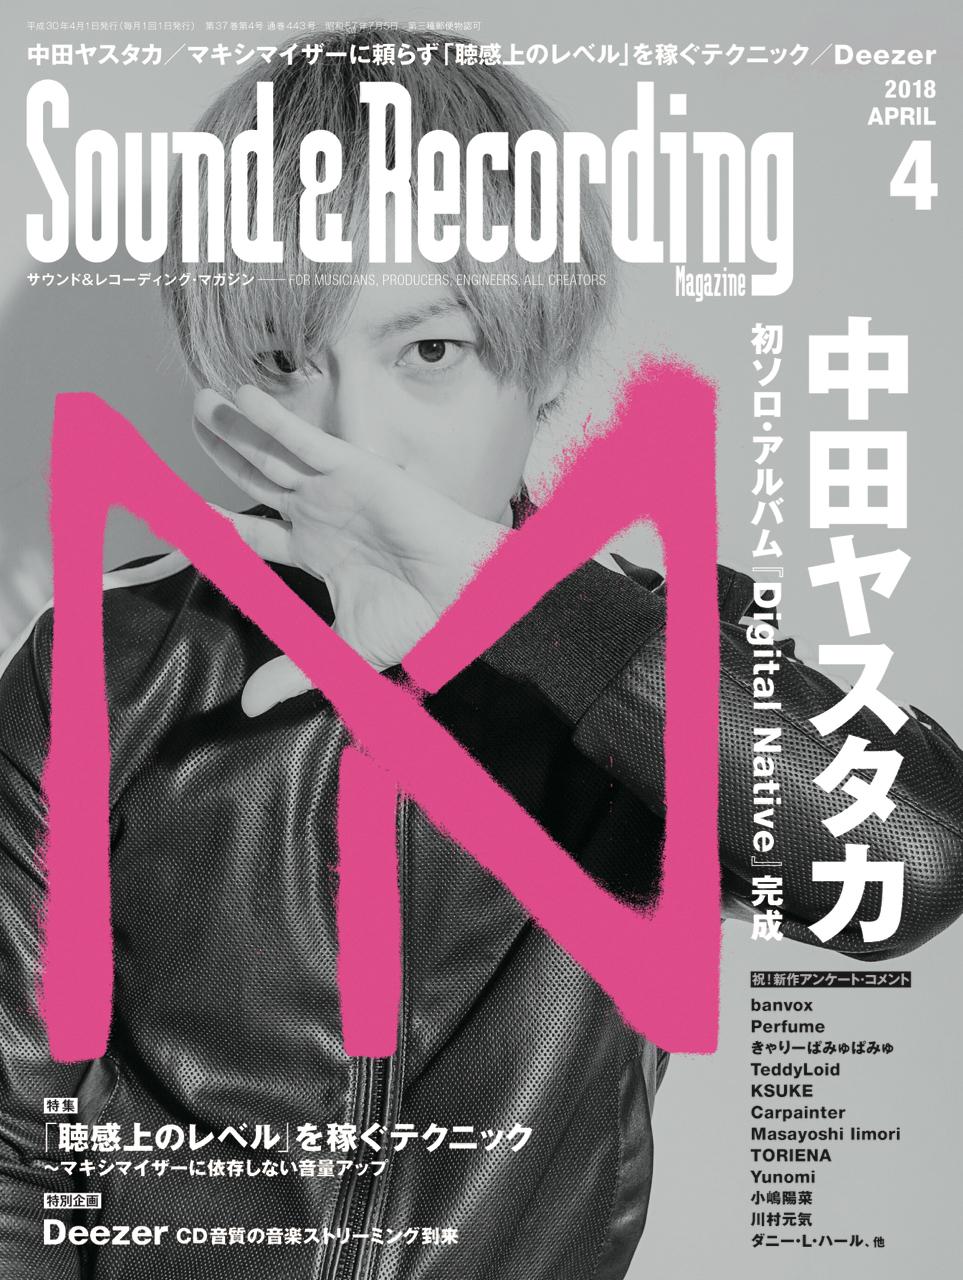 『サウンド&レコーディング・マガジン』4月号表紙